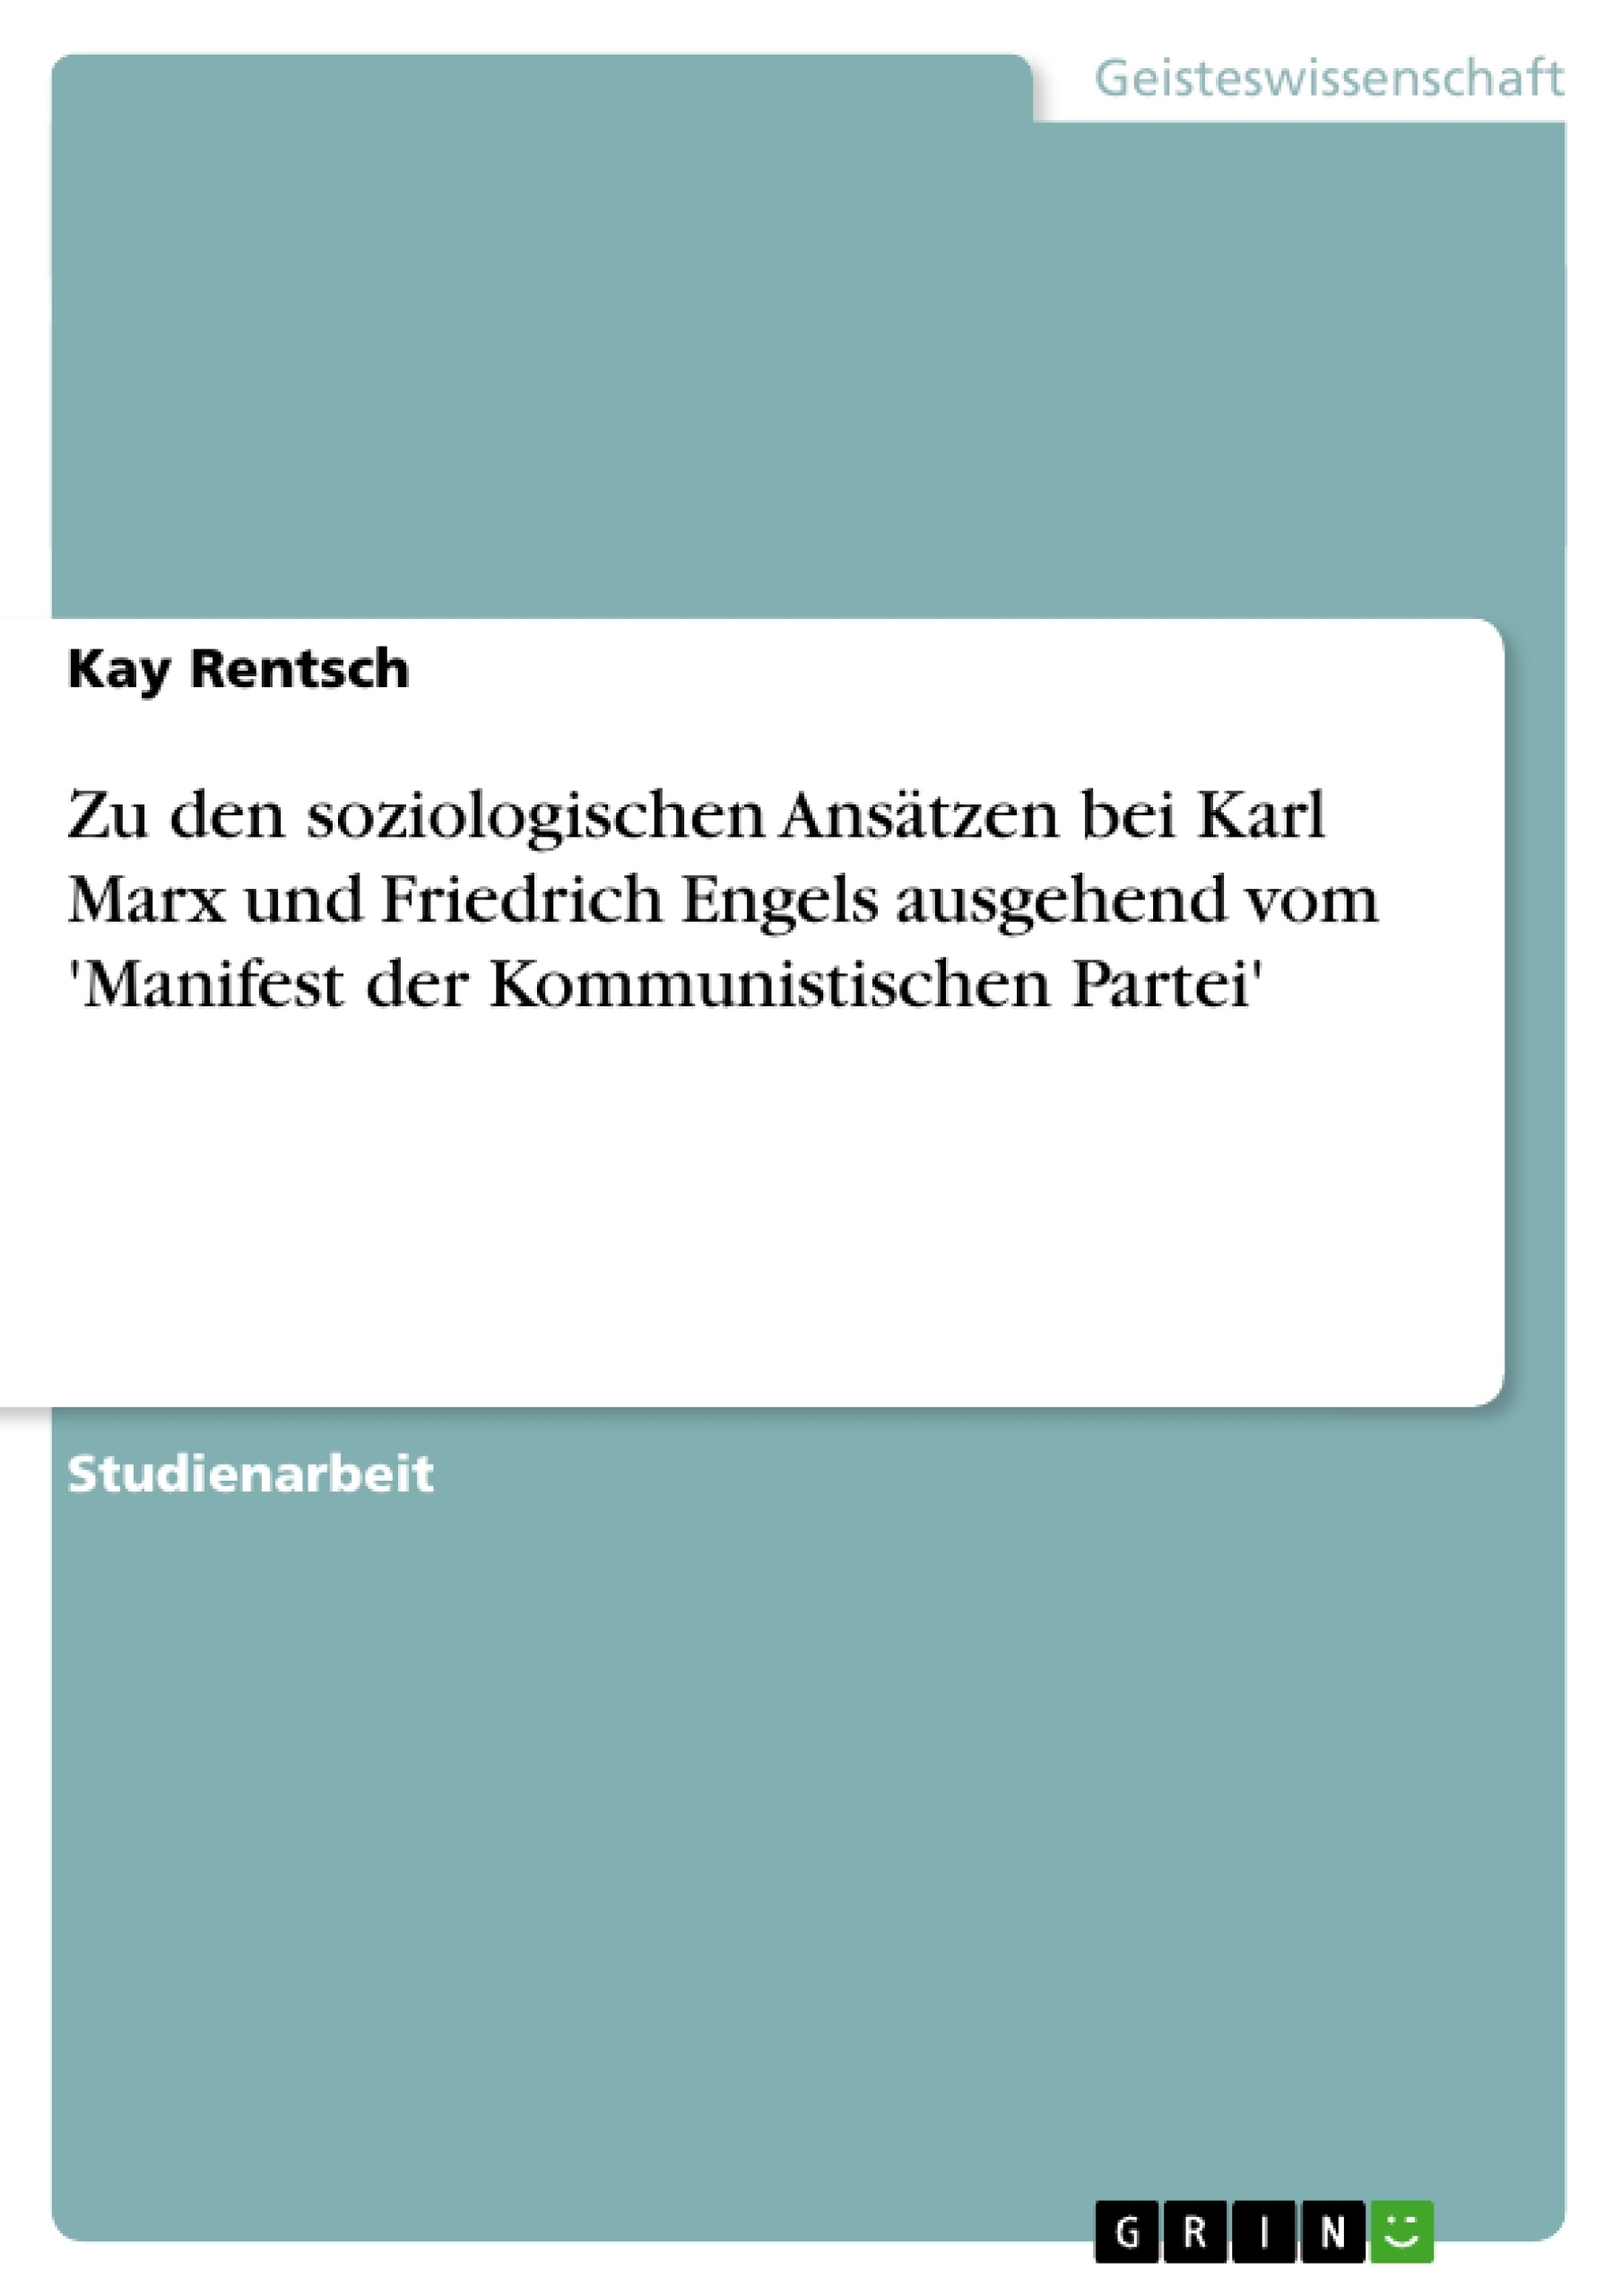 Titel: Zu den soziologischen Ansätzen bei Karl Marx und Friedrich Engels ausgehend vom 'Manifest der Kommunistischen Partei'